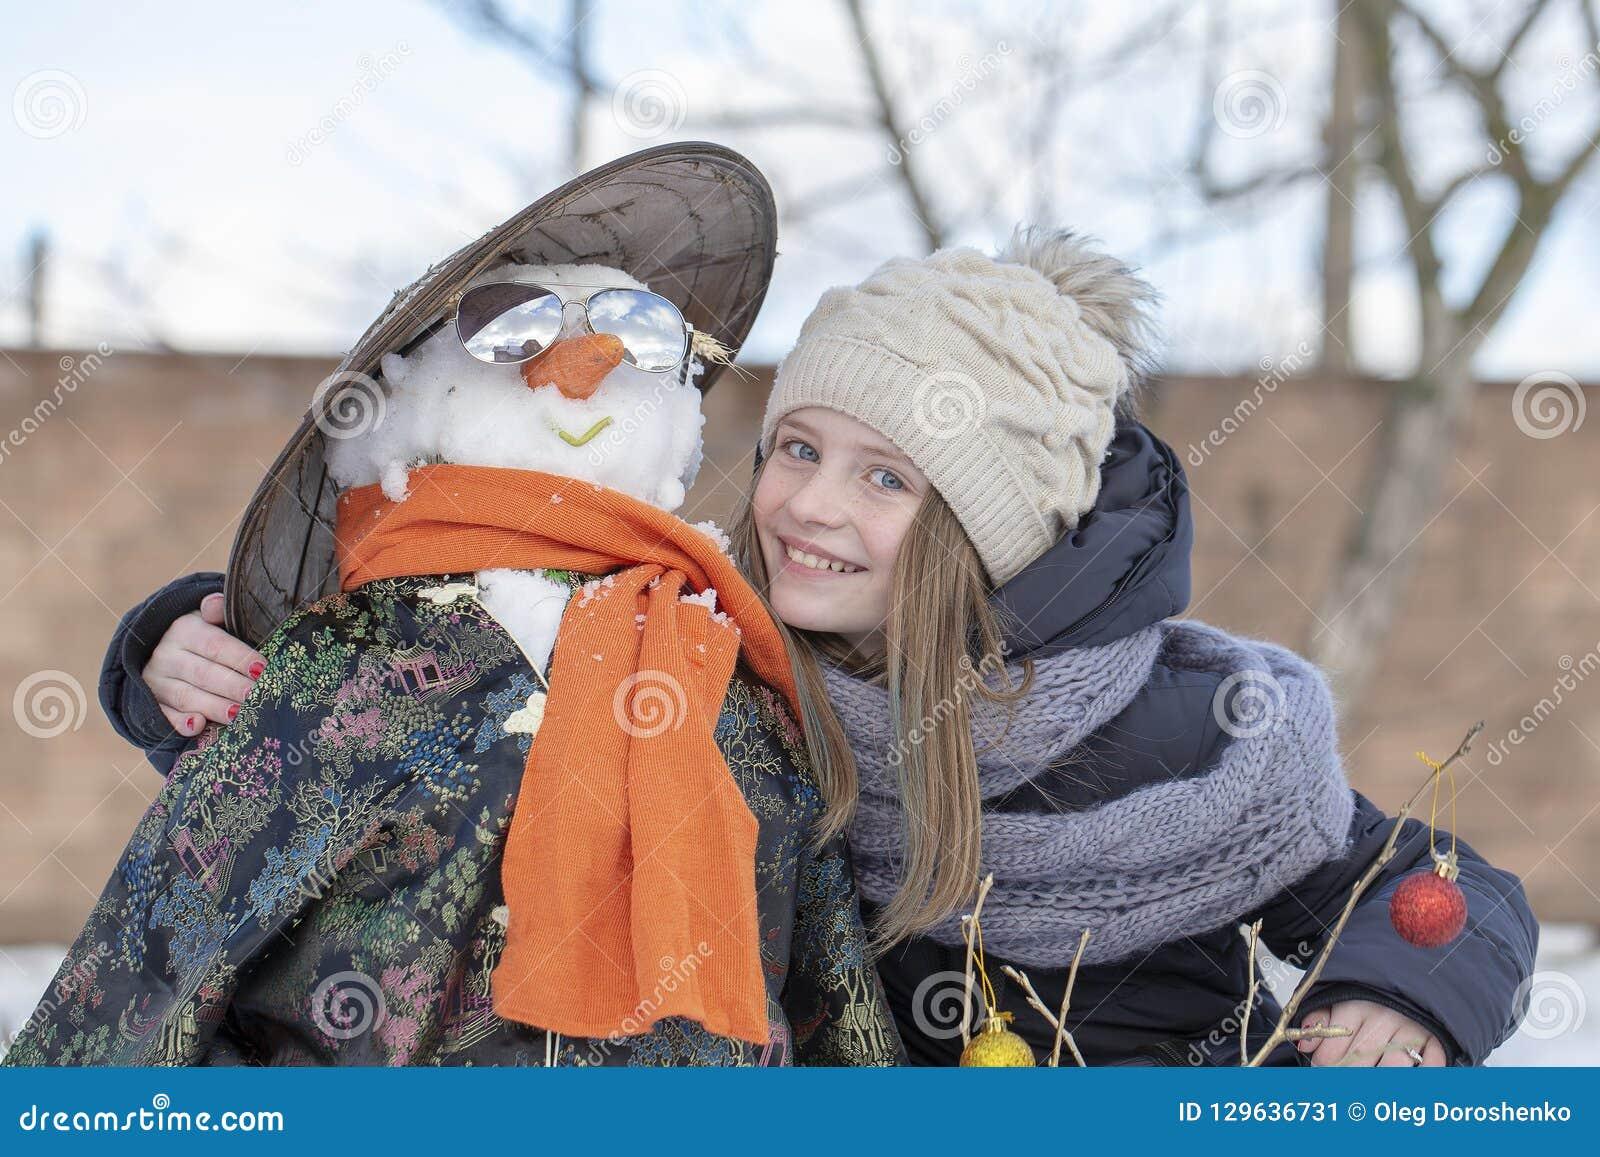 Urocza młoda dziewczyna z bałwanem w pięknym zima parku Zim aktywność dla dzieci